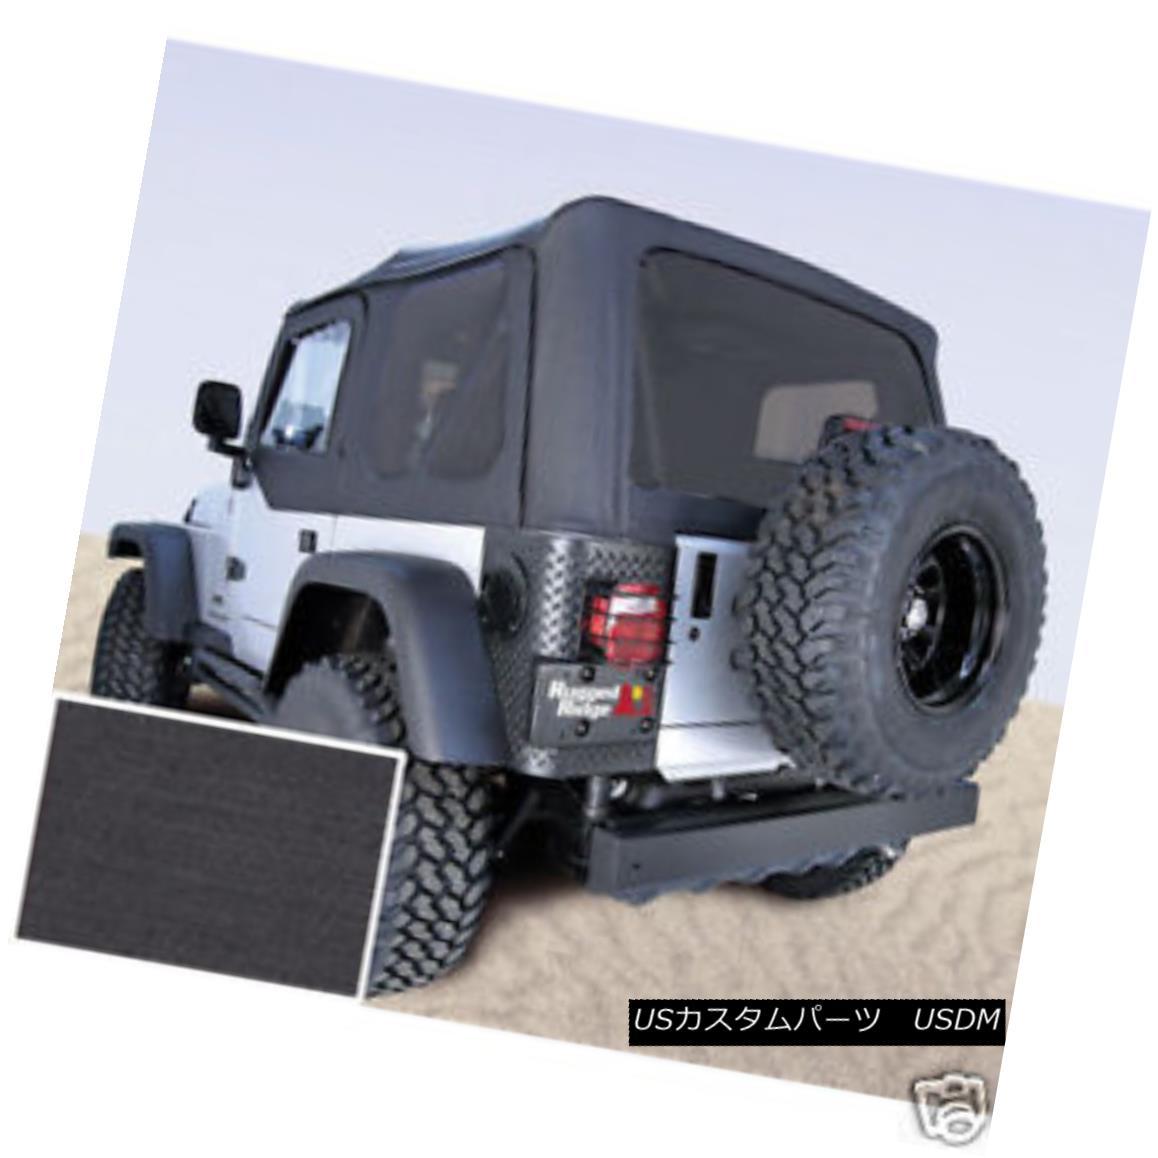 幌・ソフトトップ XHD Replacement Black Soft Top Jeep Wrangler TJ 1997-2006 13724.15 Rugged Ridge XHD交換黒のソフトトップジープラングラーTJ 1997-2006 13724.15険しい尾根